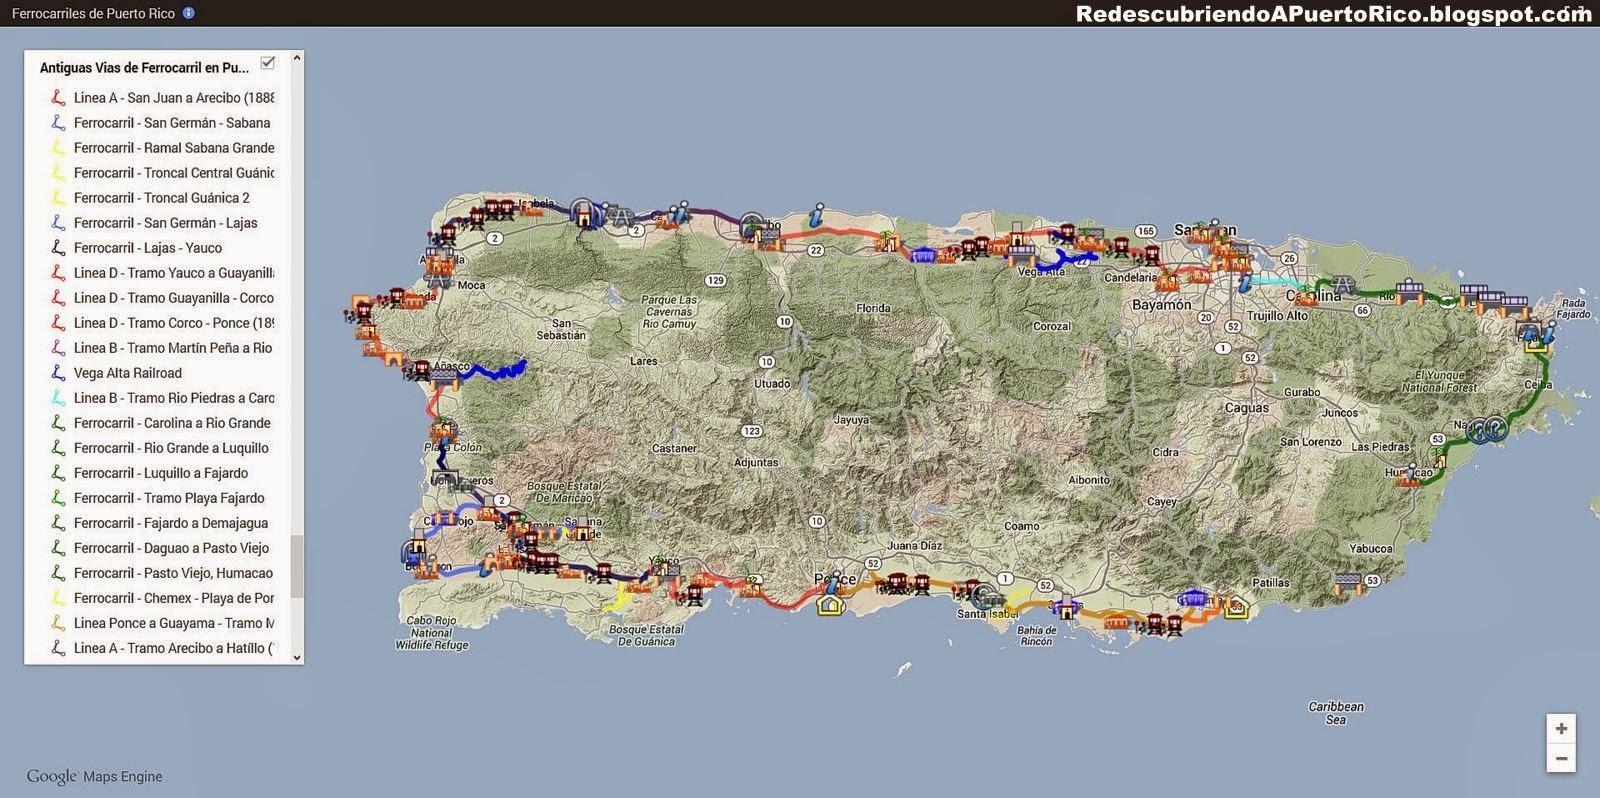 Trazando Los Antiguos Ferrocarriles De Puerto Rico En Google Maps